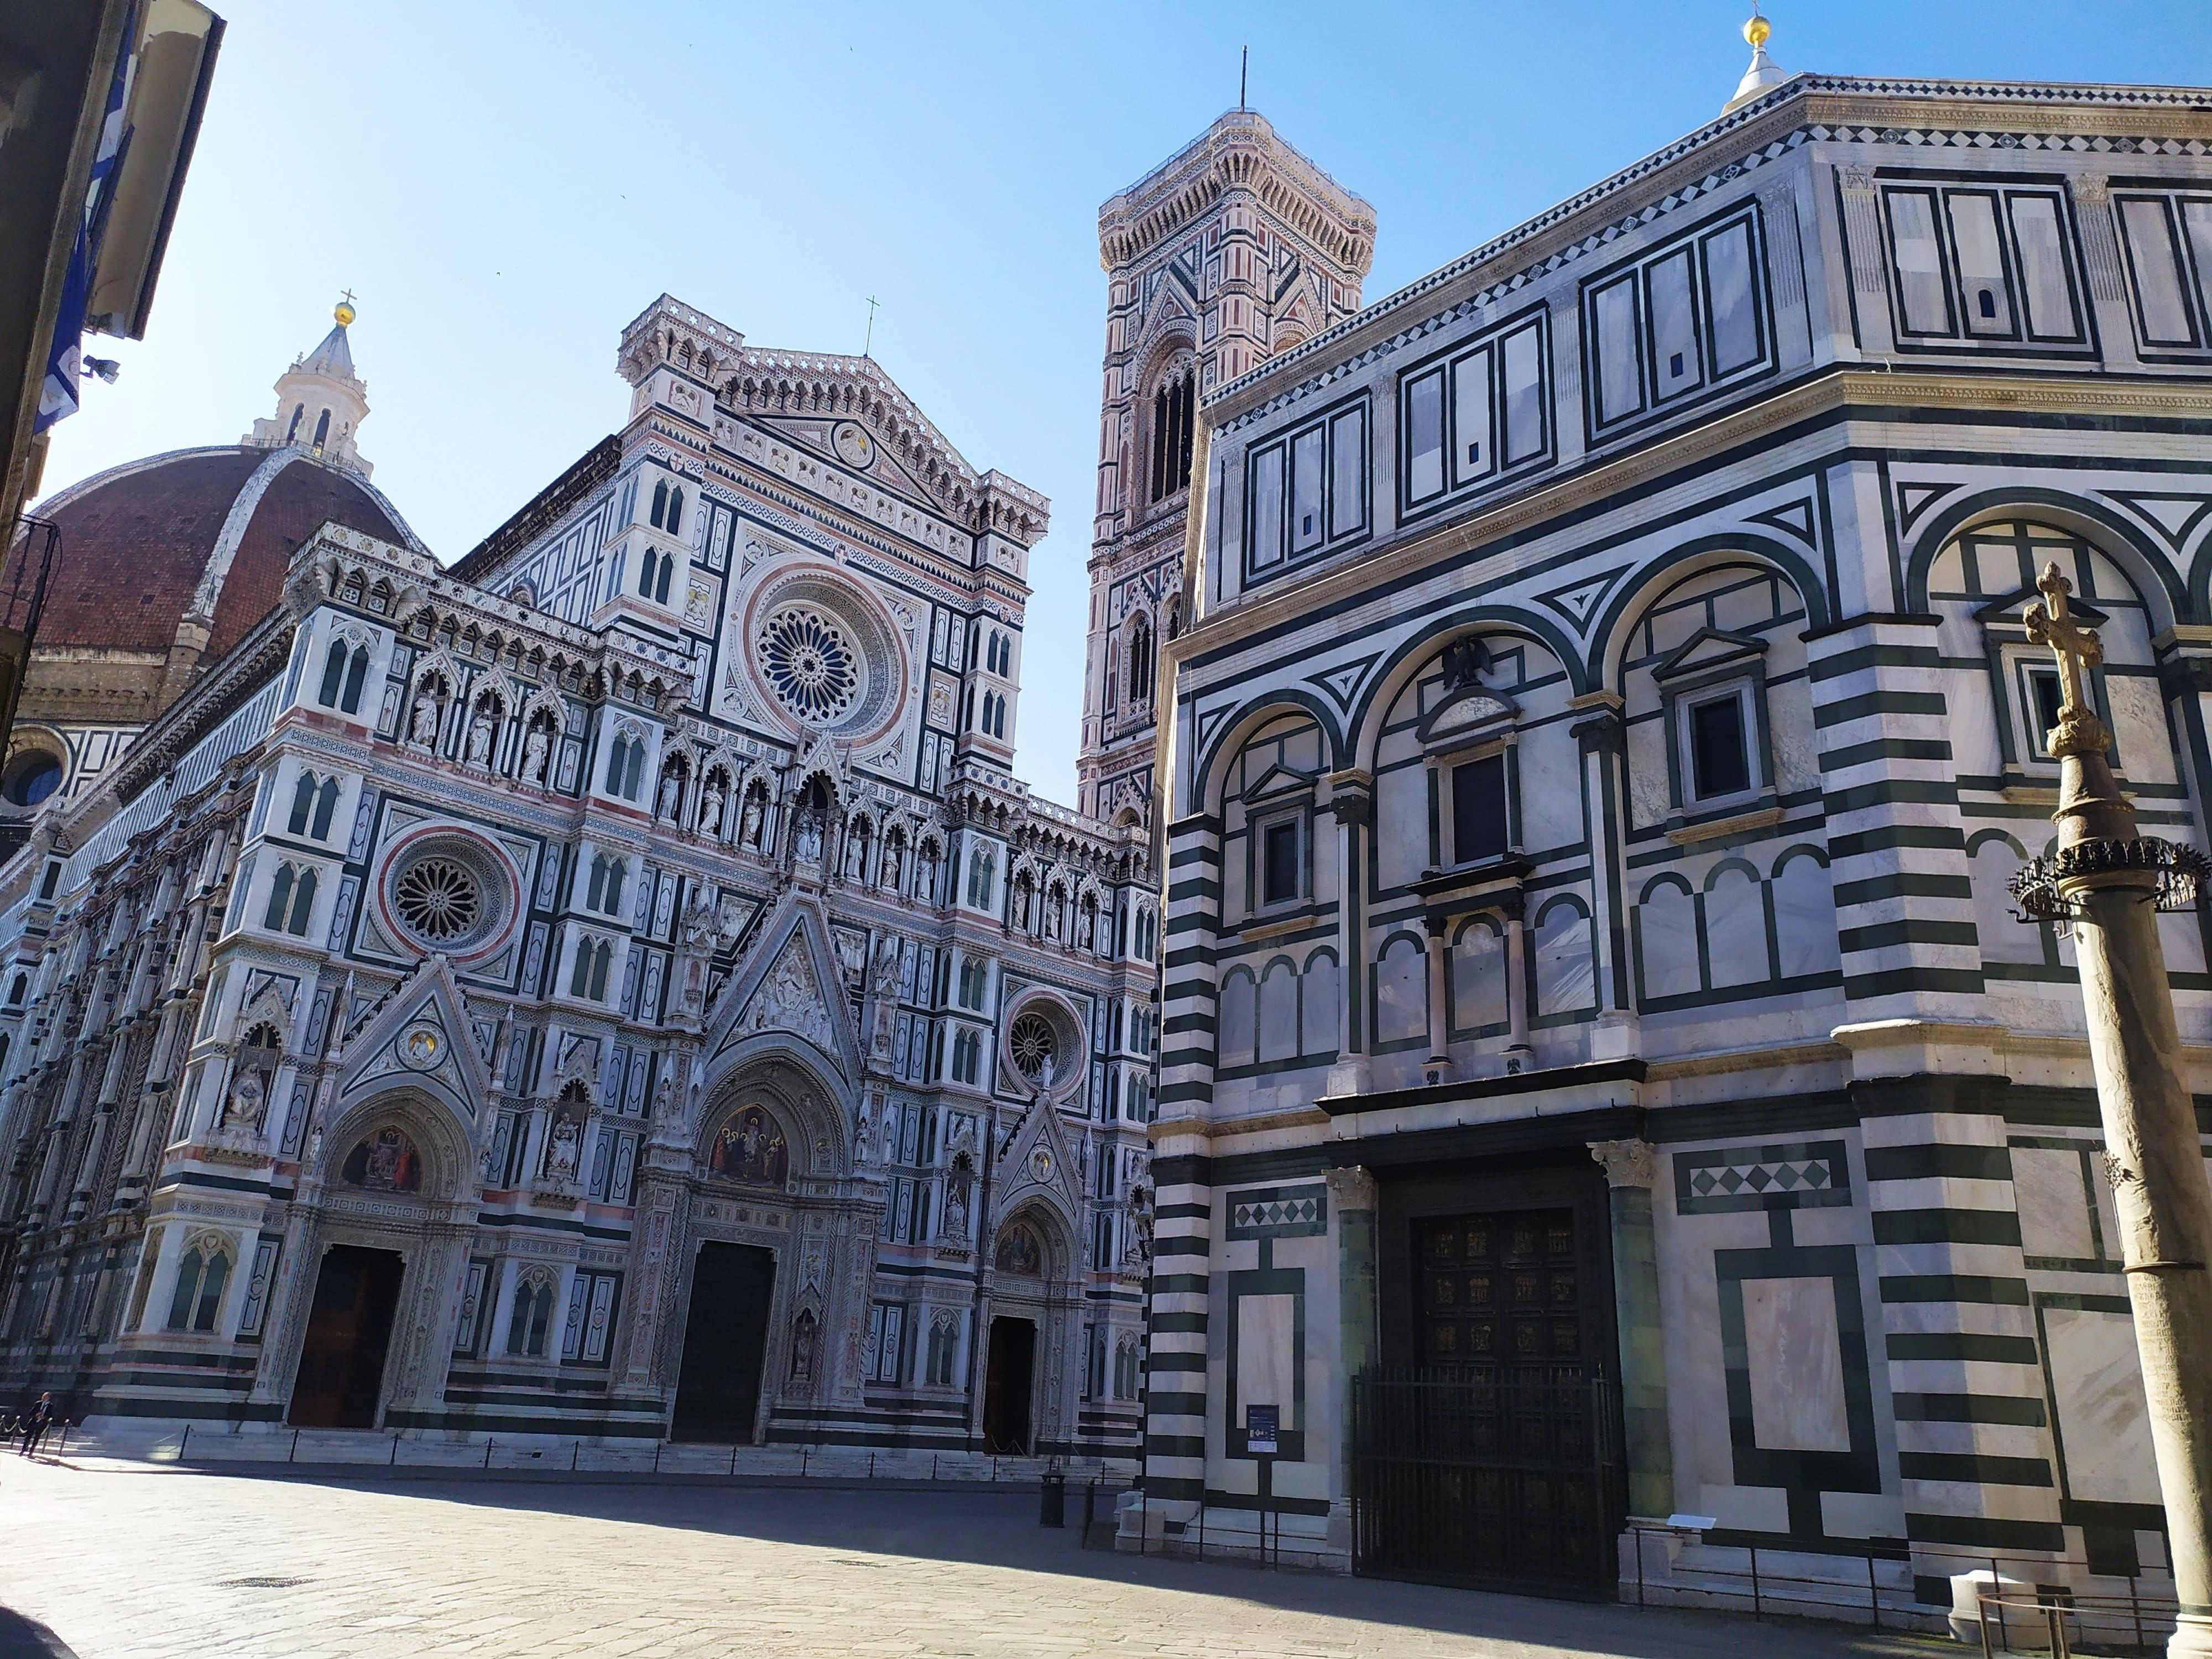 Firenze Cattedrale e Battistero in piazza del Duomo